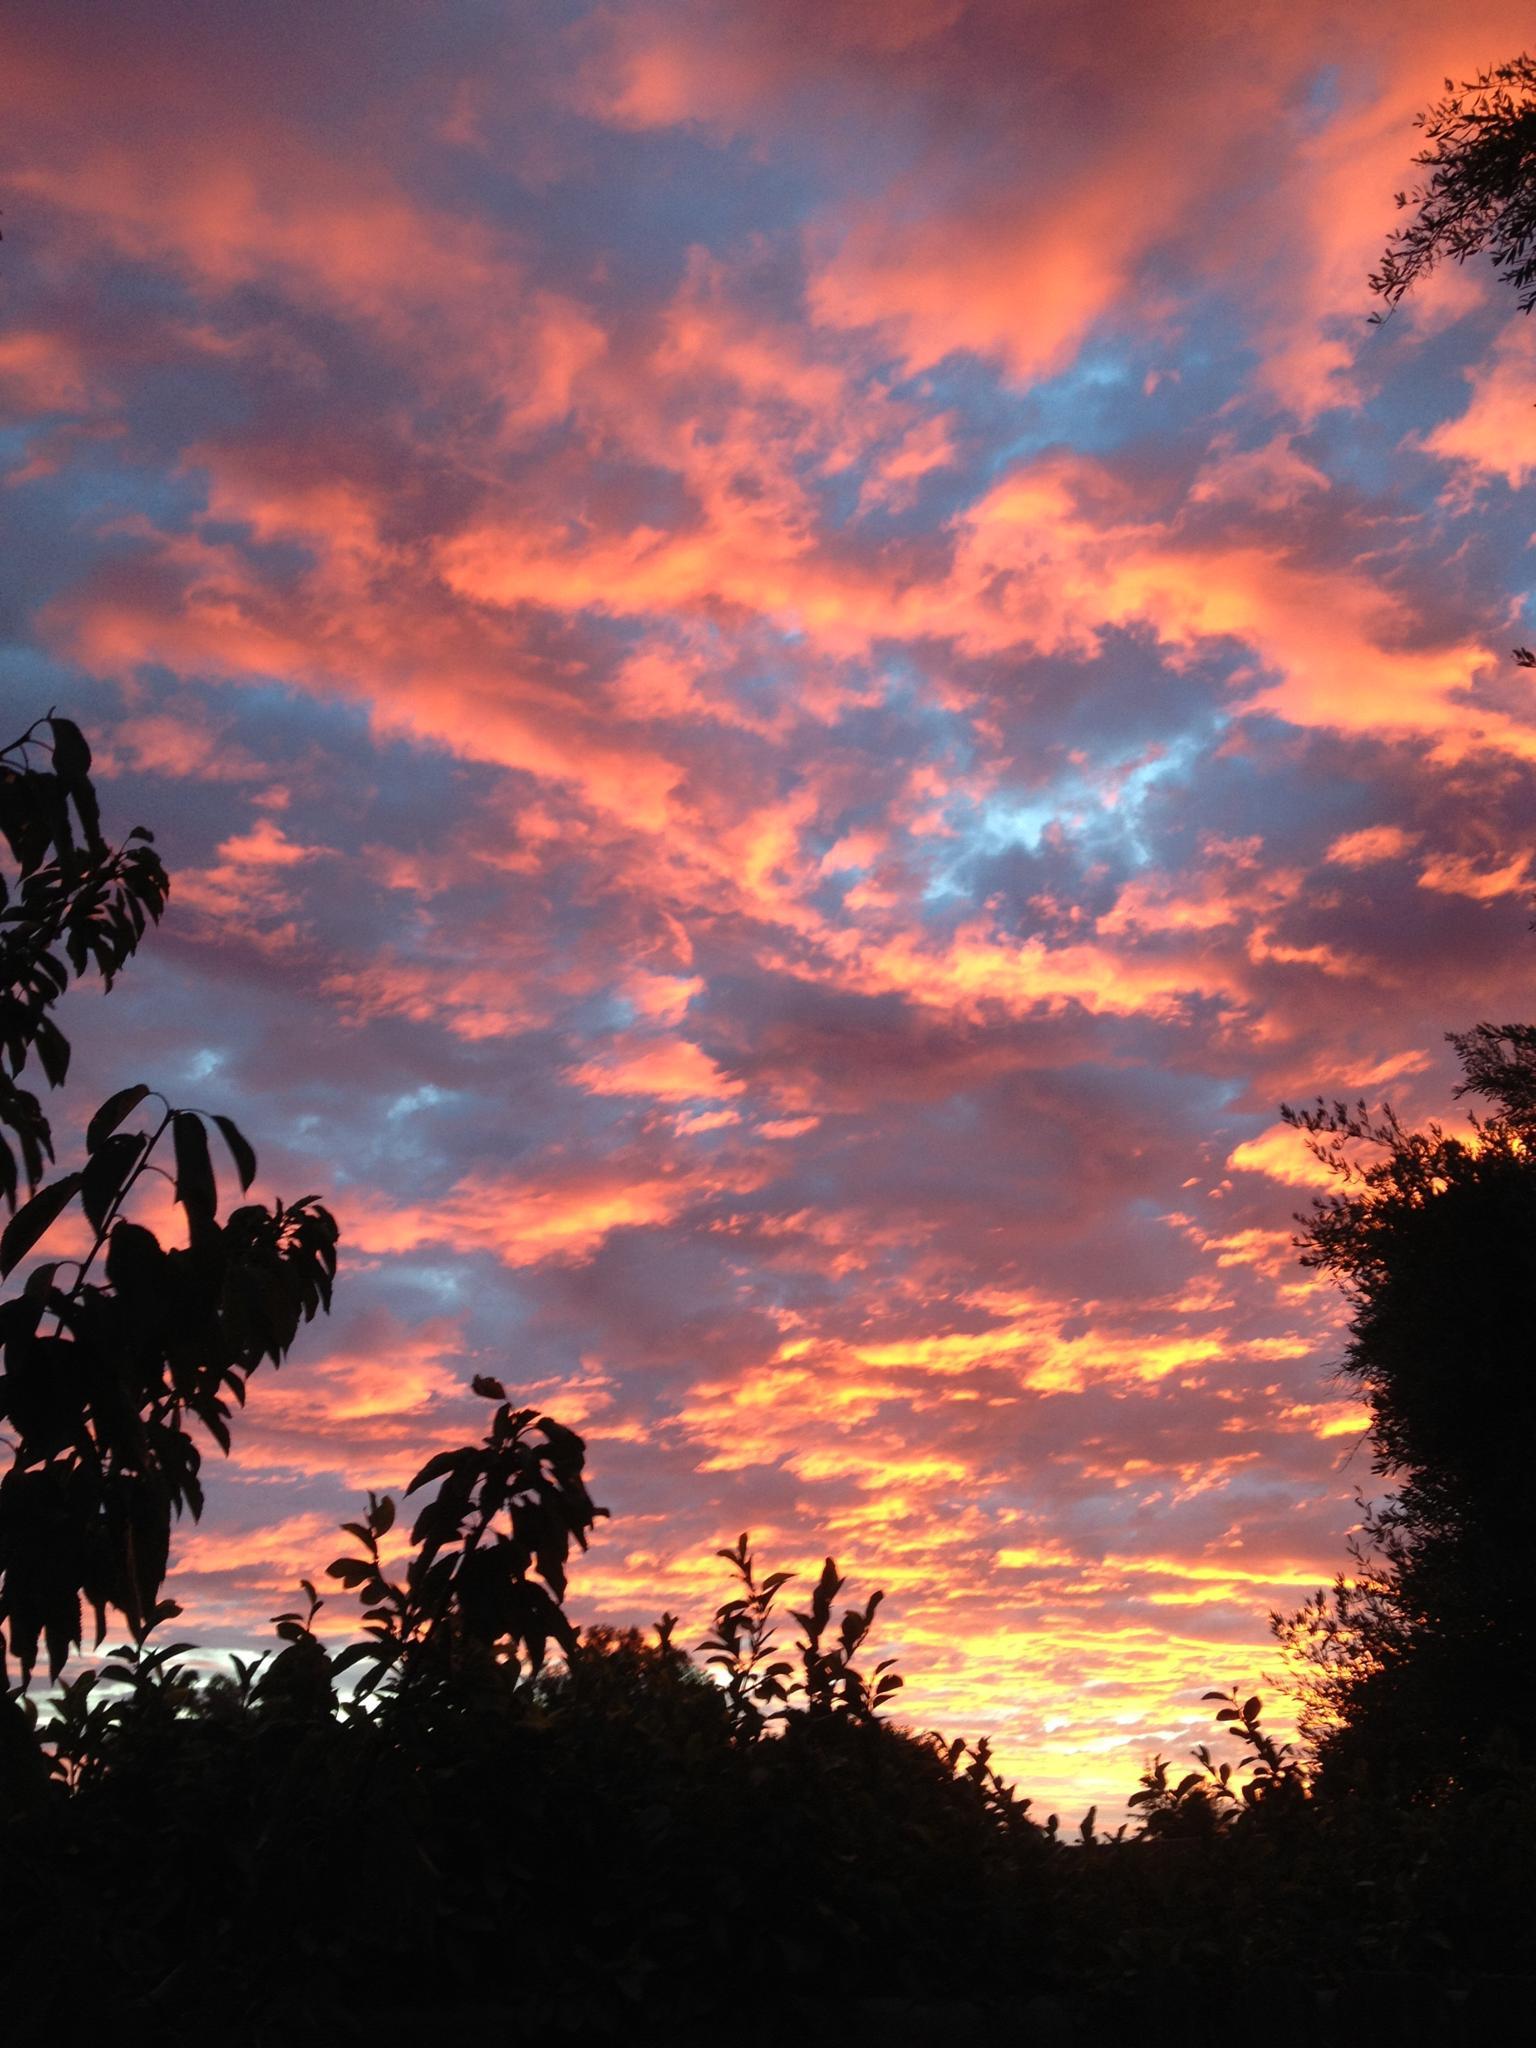 Sunset by fredda.j.thomas